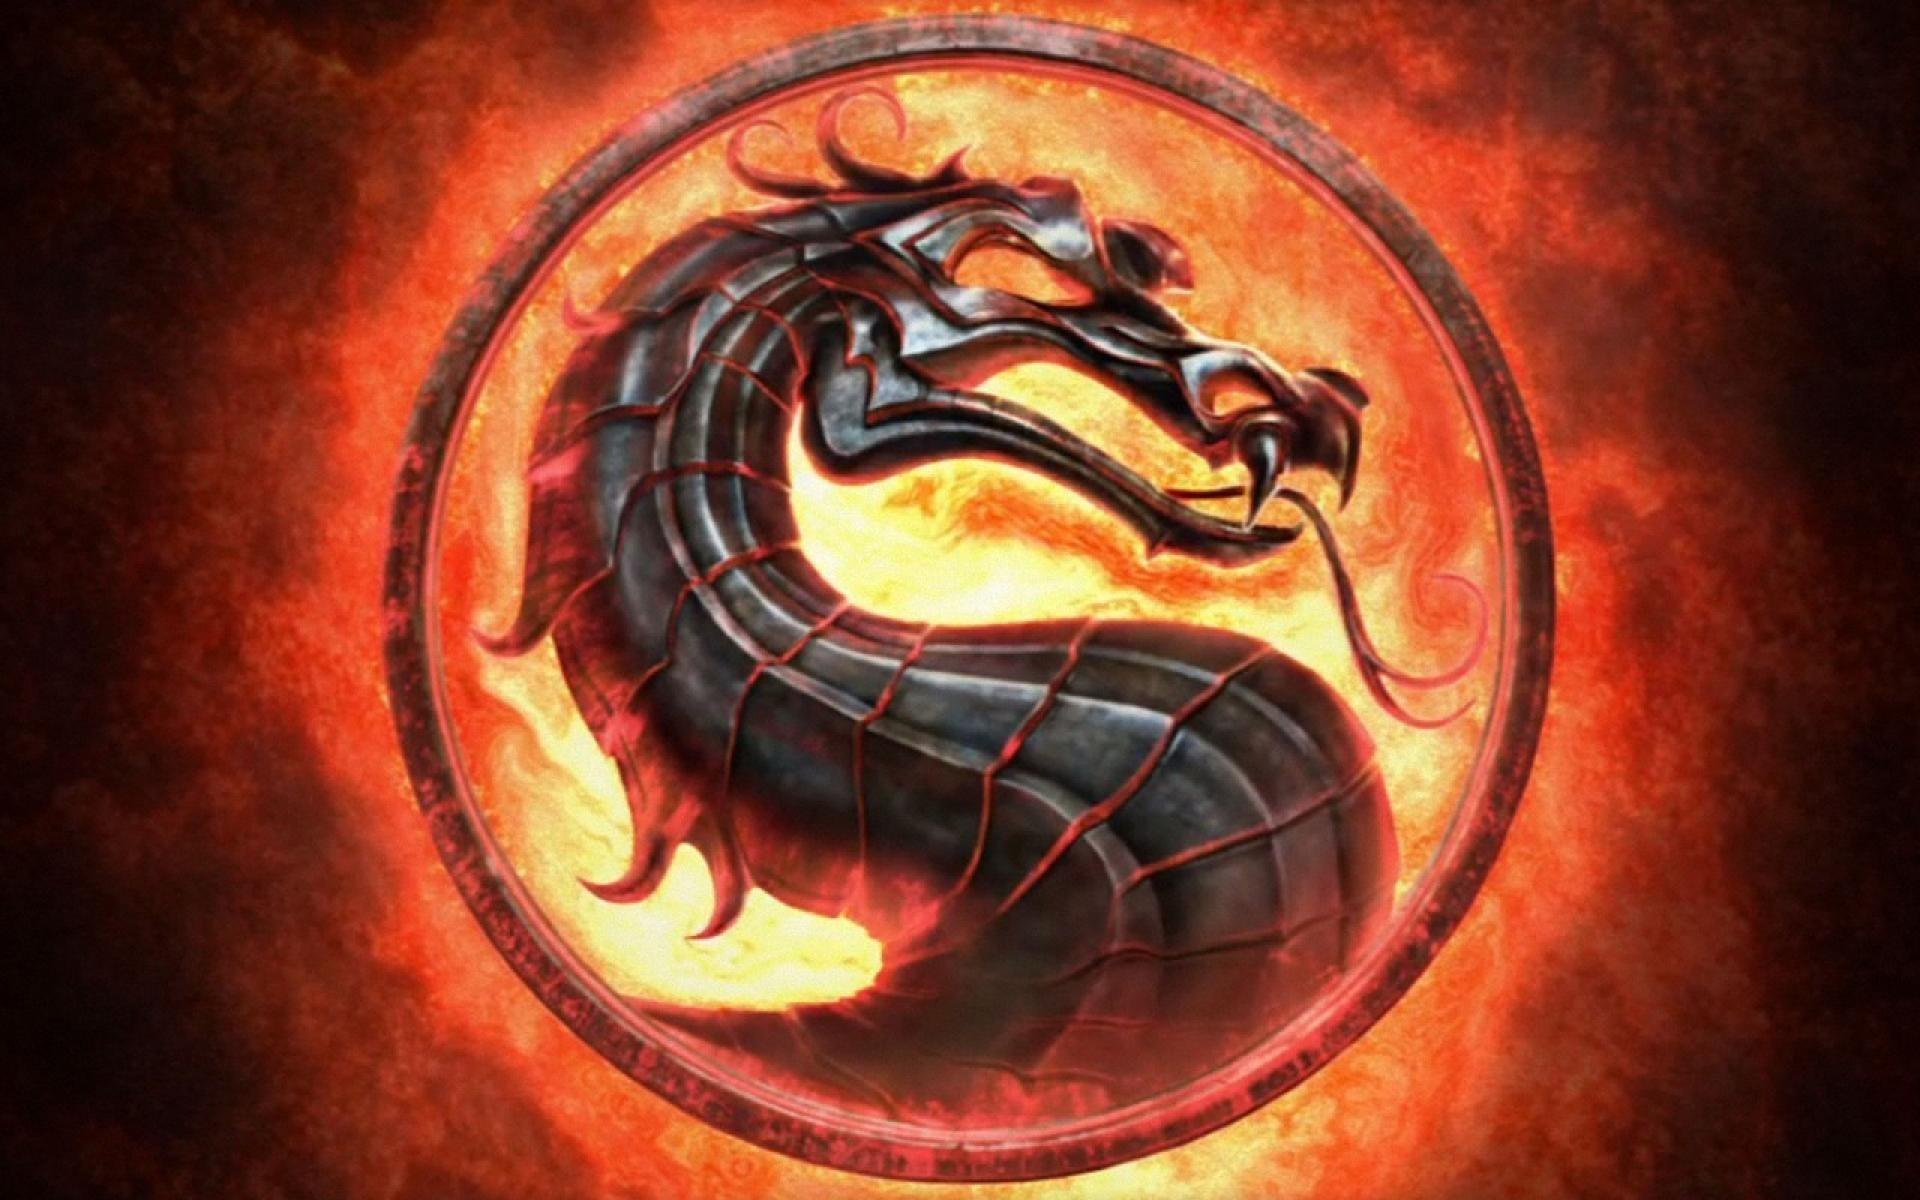 mortal kombat dragon logo wallpaper hd ·①